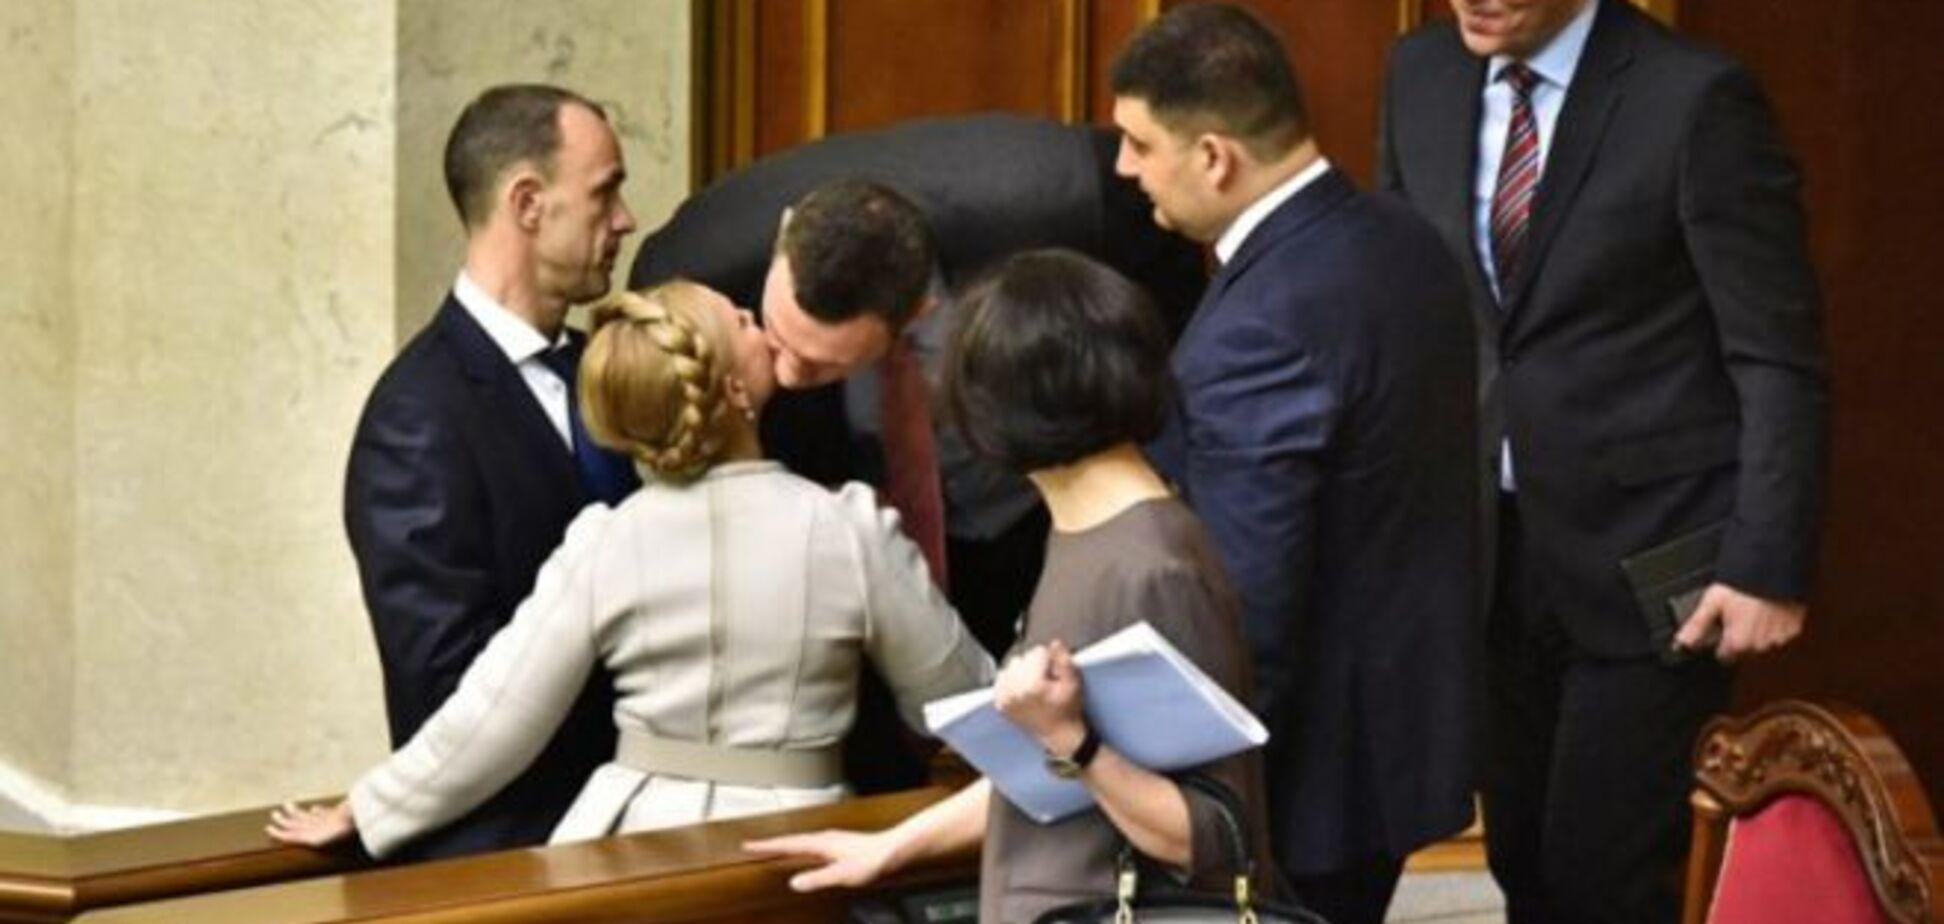 Топ самых ярких поцелуев в украинской политике: пылкие, неожиданные и лицемерные